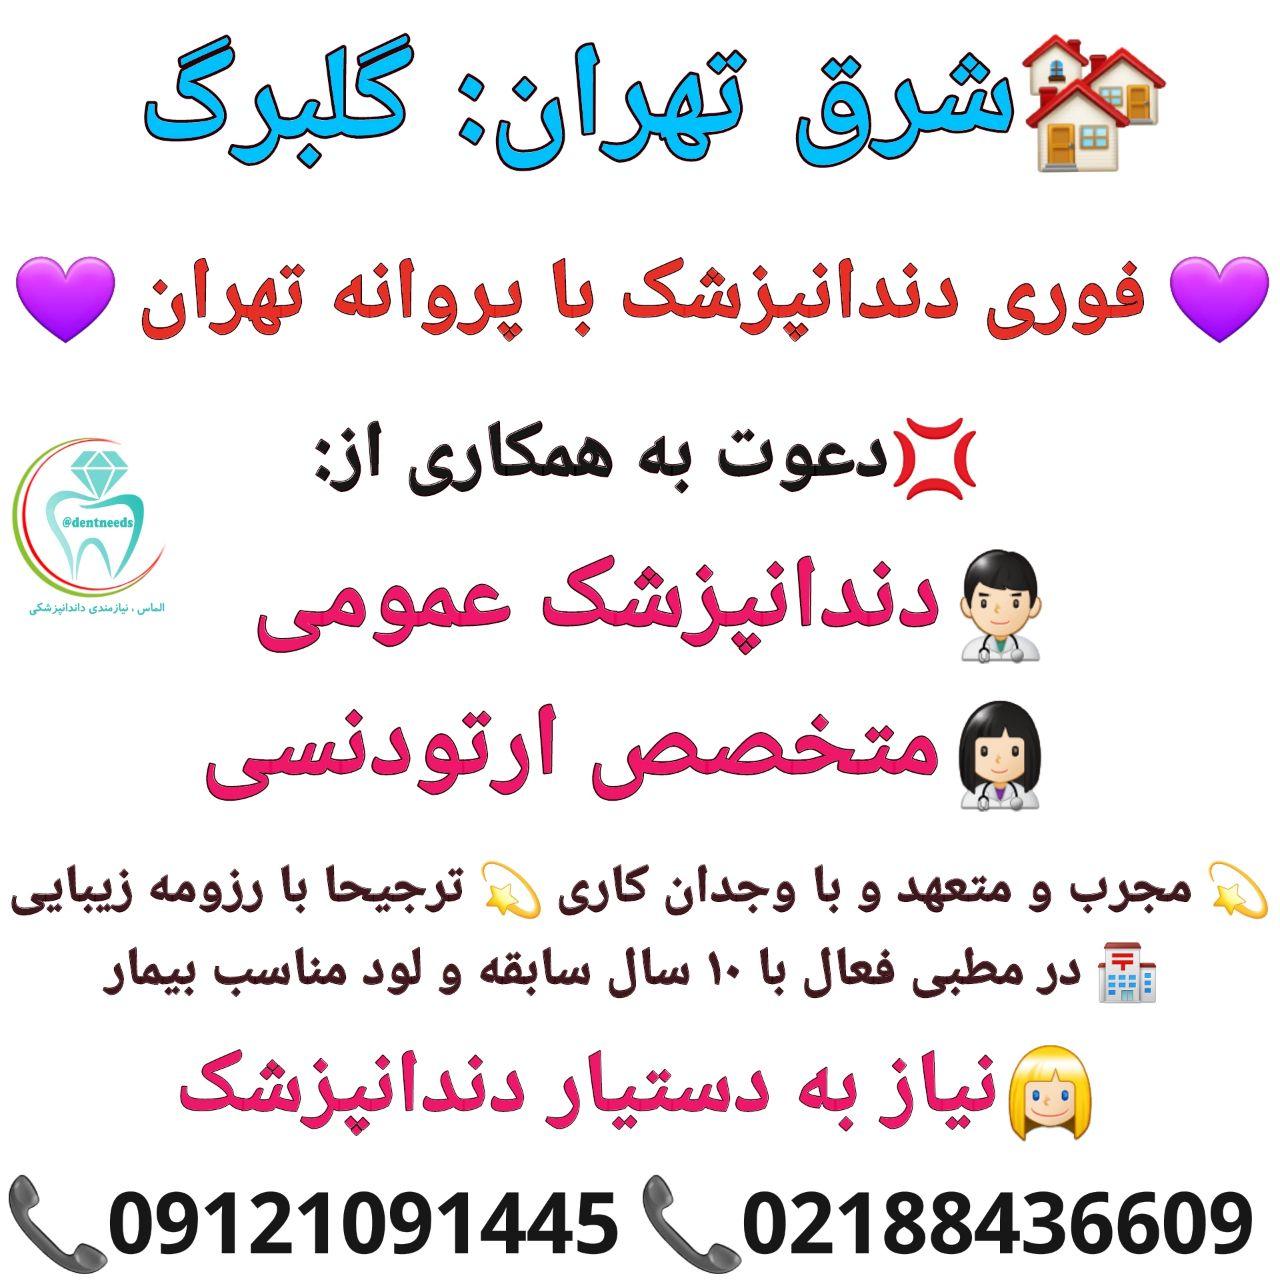 شرق تهران: گلبرگ،دعوت به همکاری از دندانپزشک عمومی و متخصص ارتودنسی، نیاز به دستیار دندانپزشک